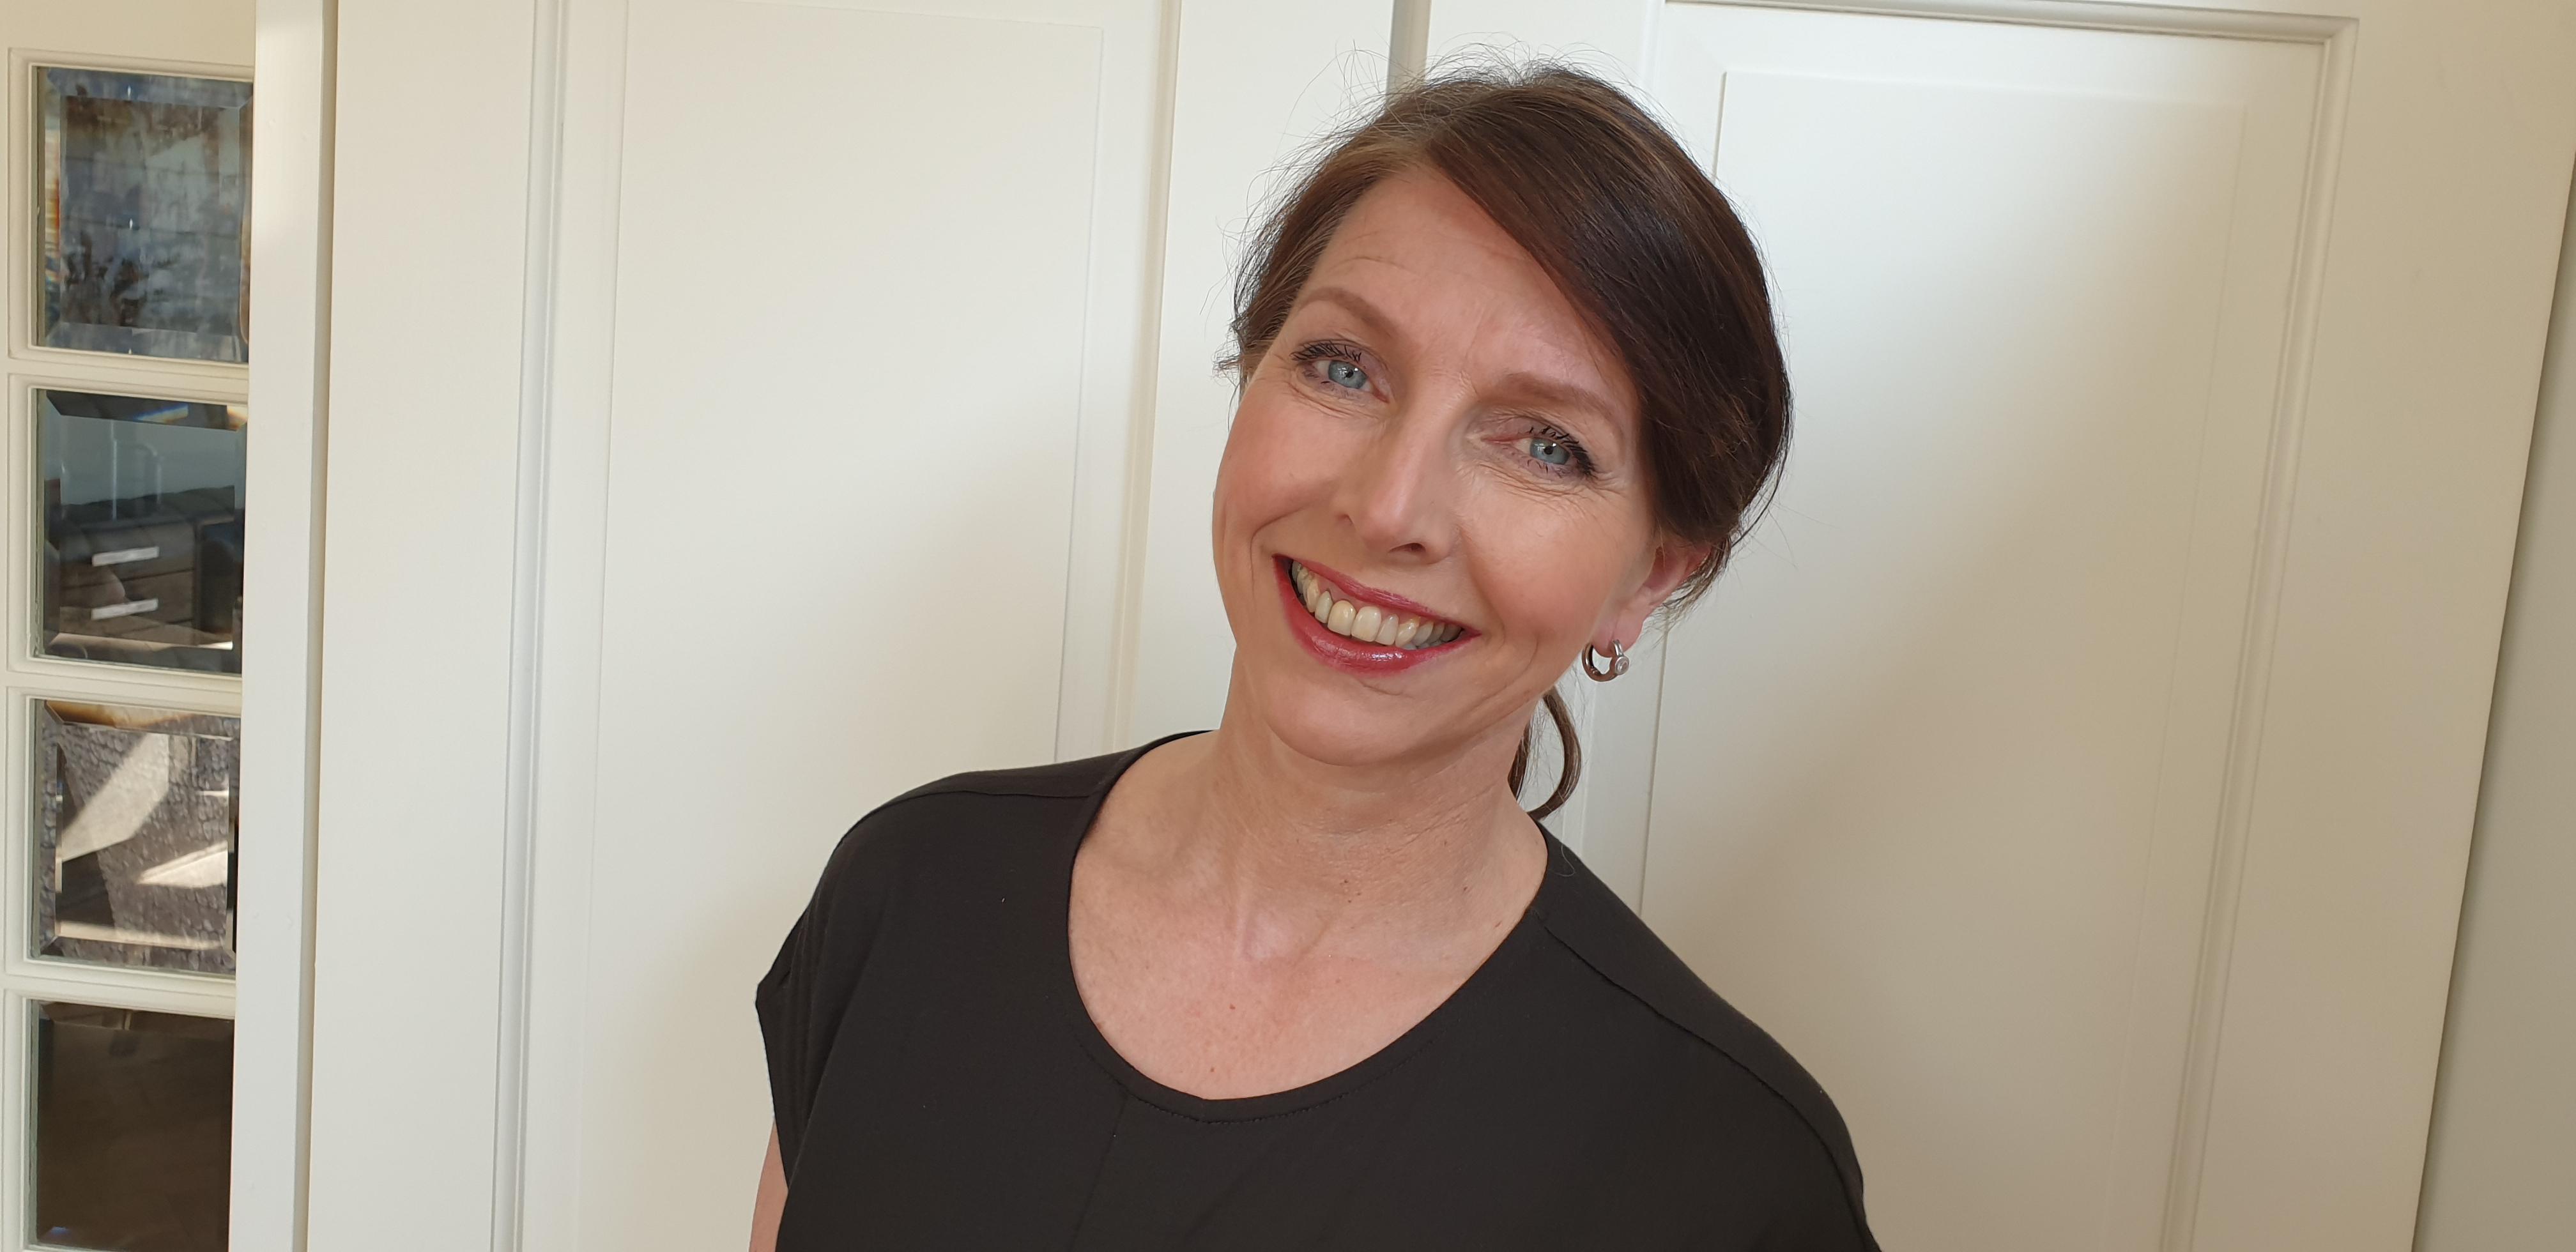 Schoonheidsspecialiste Margareth is er weer klaar voor: 'Je blijft toch onrustig in je hoofd'